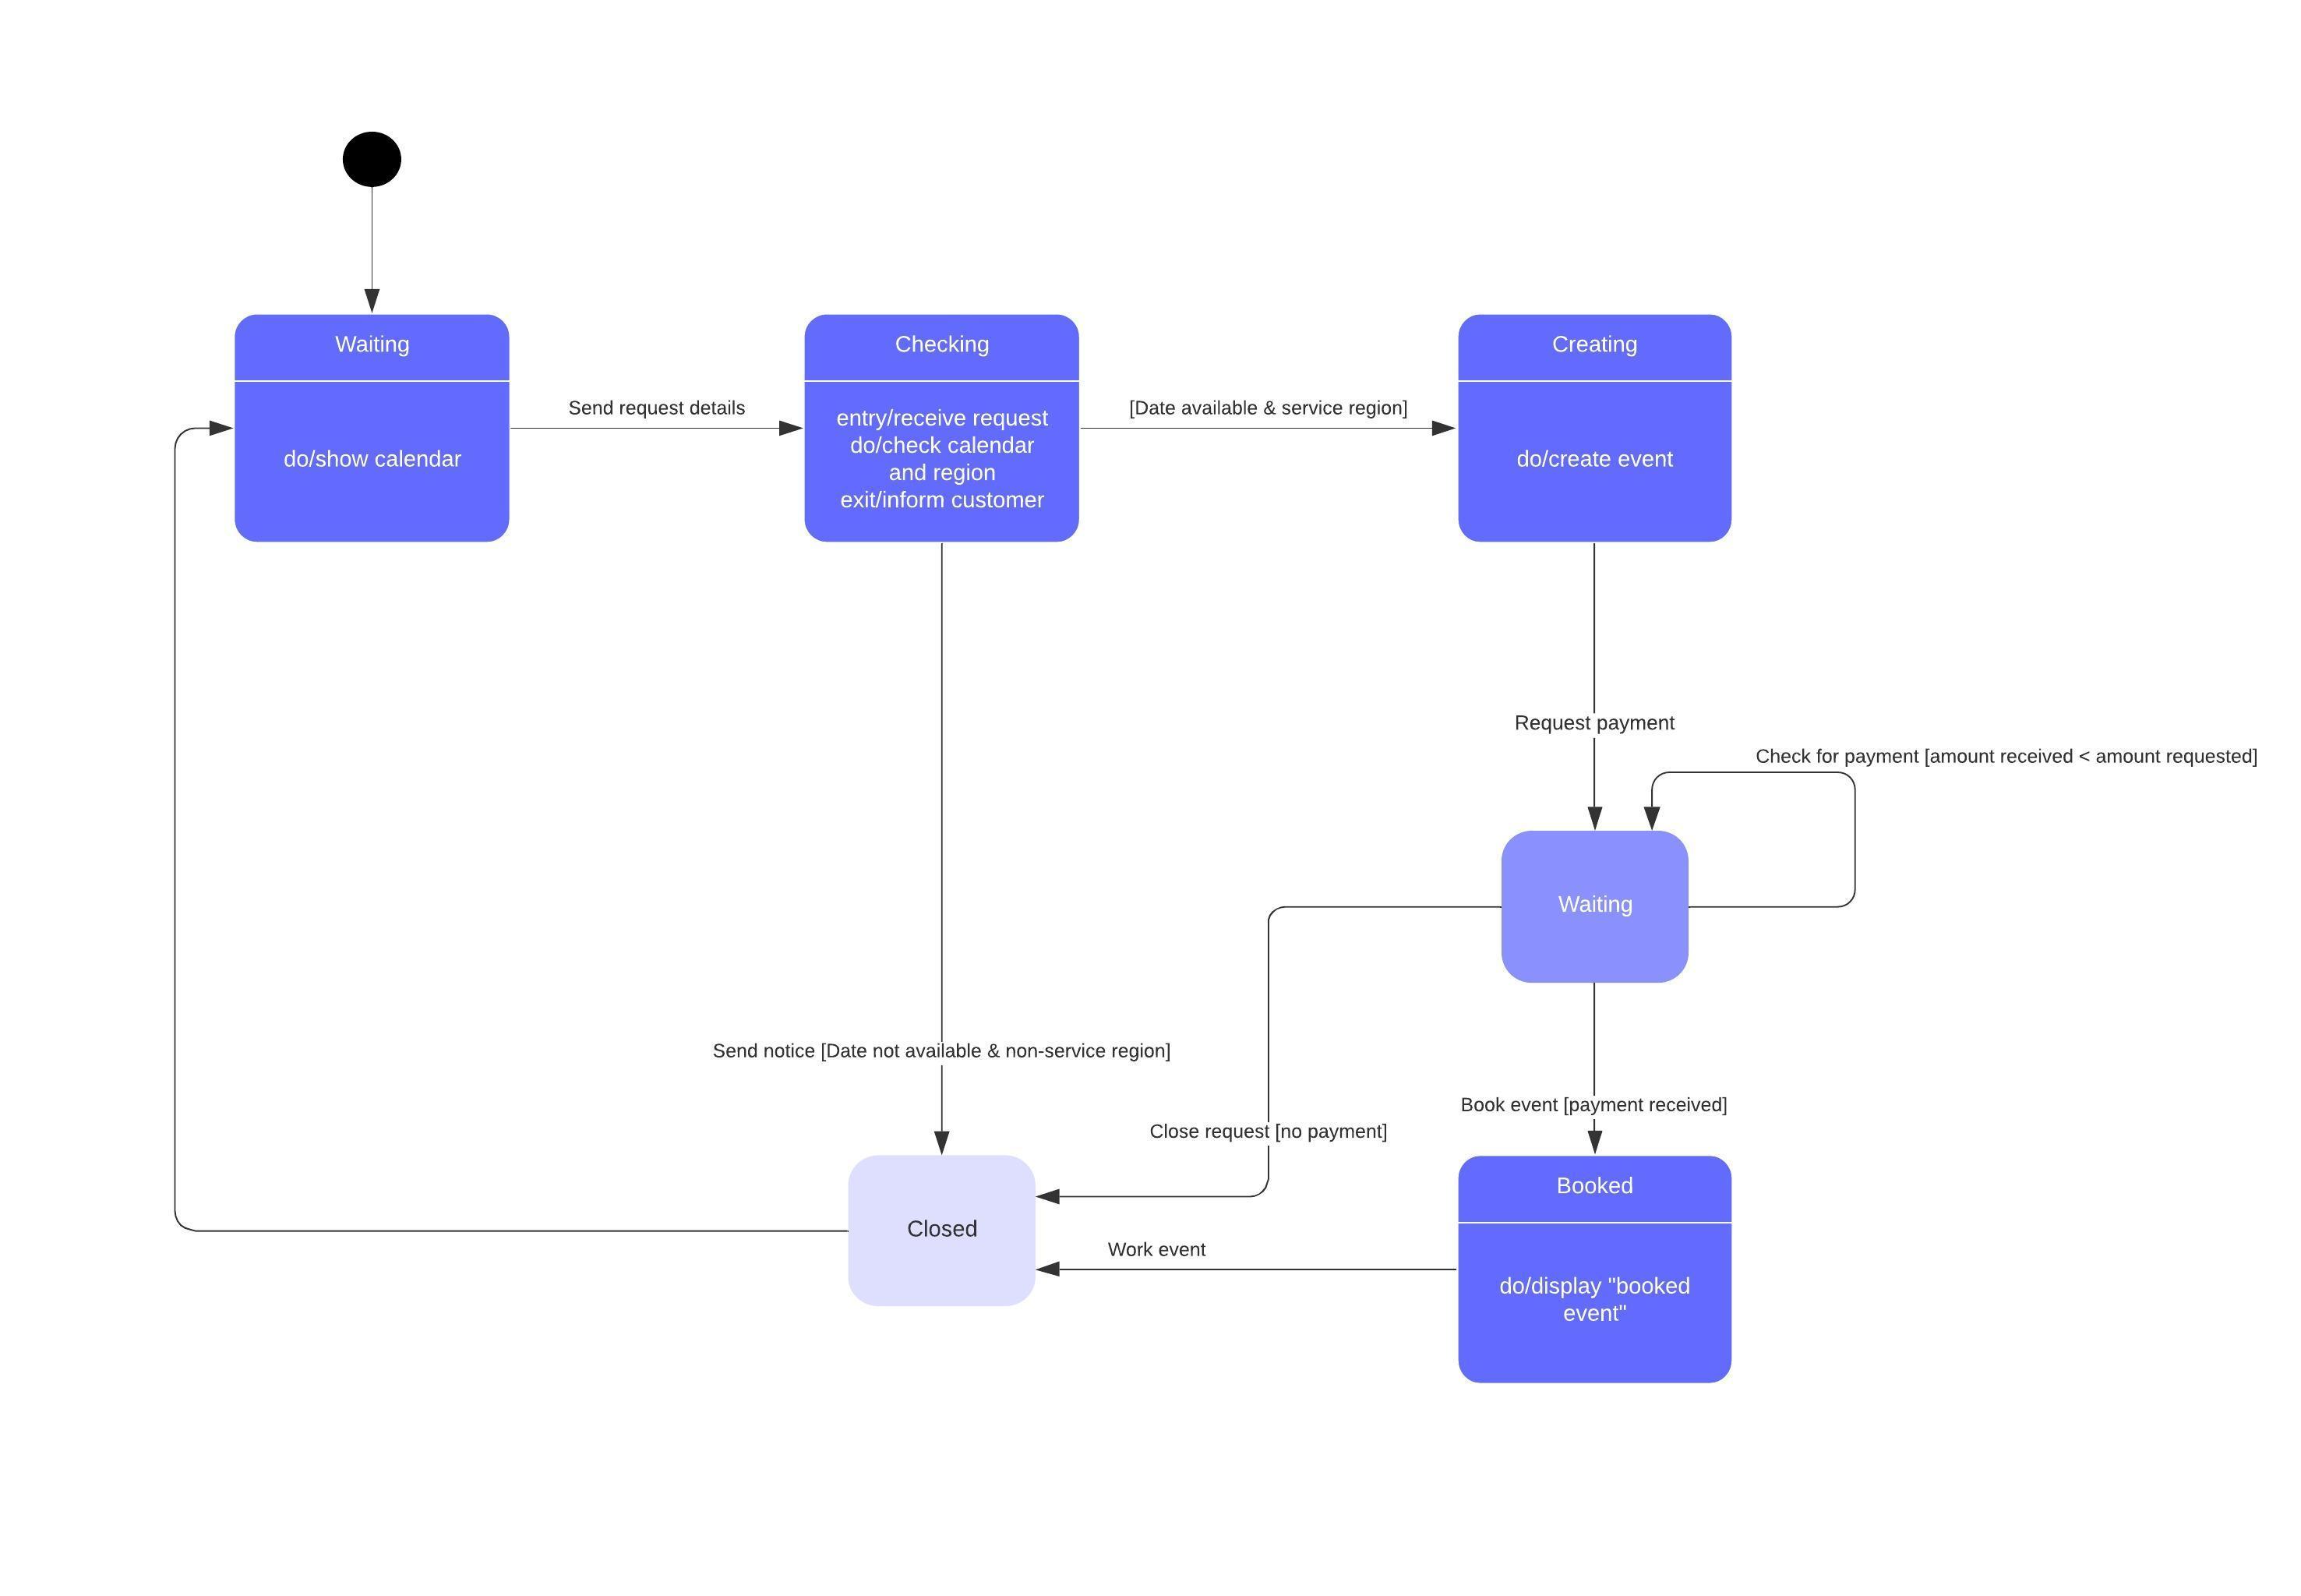 Modèle de diagramme états-transitions UML